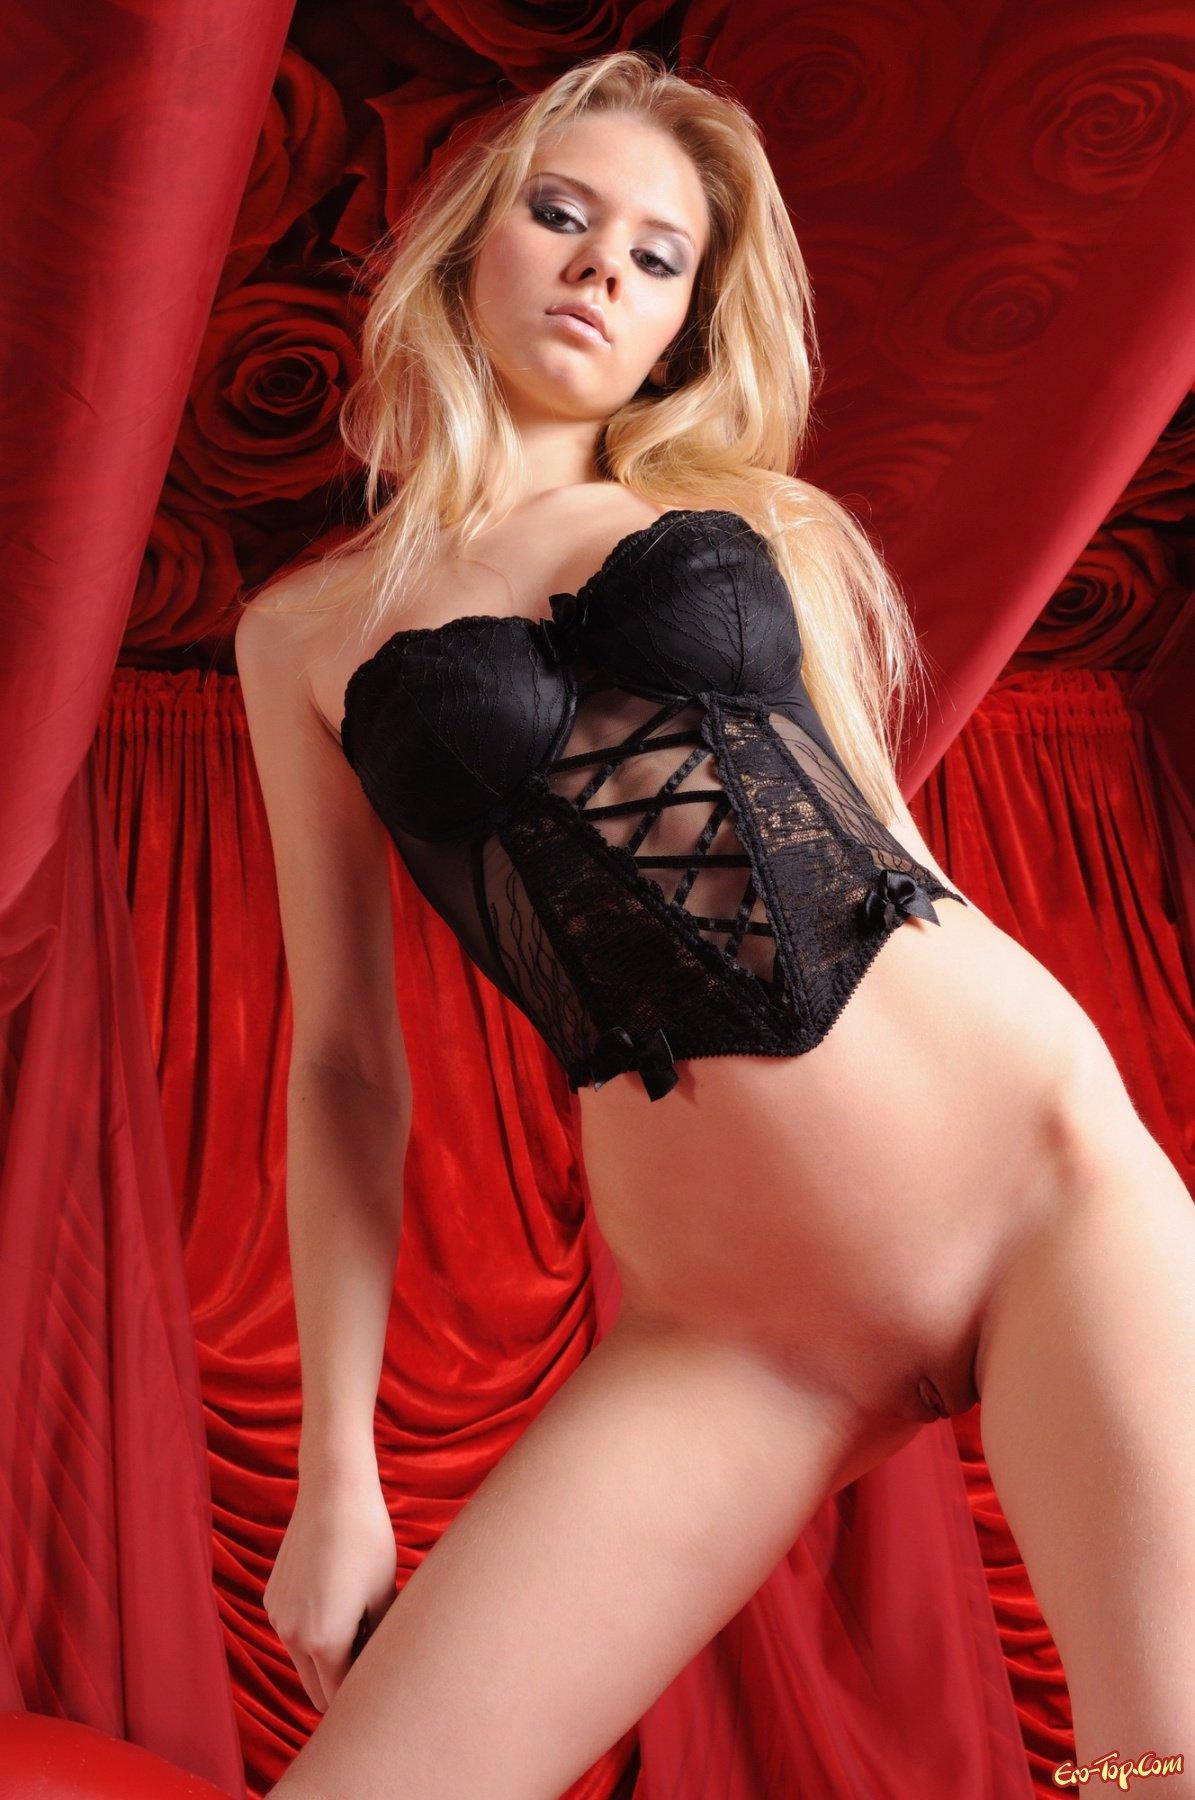 Голая блондиночка на красном секс фото